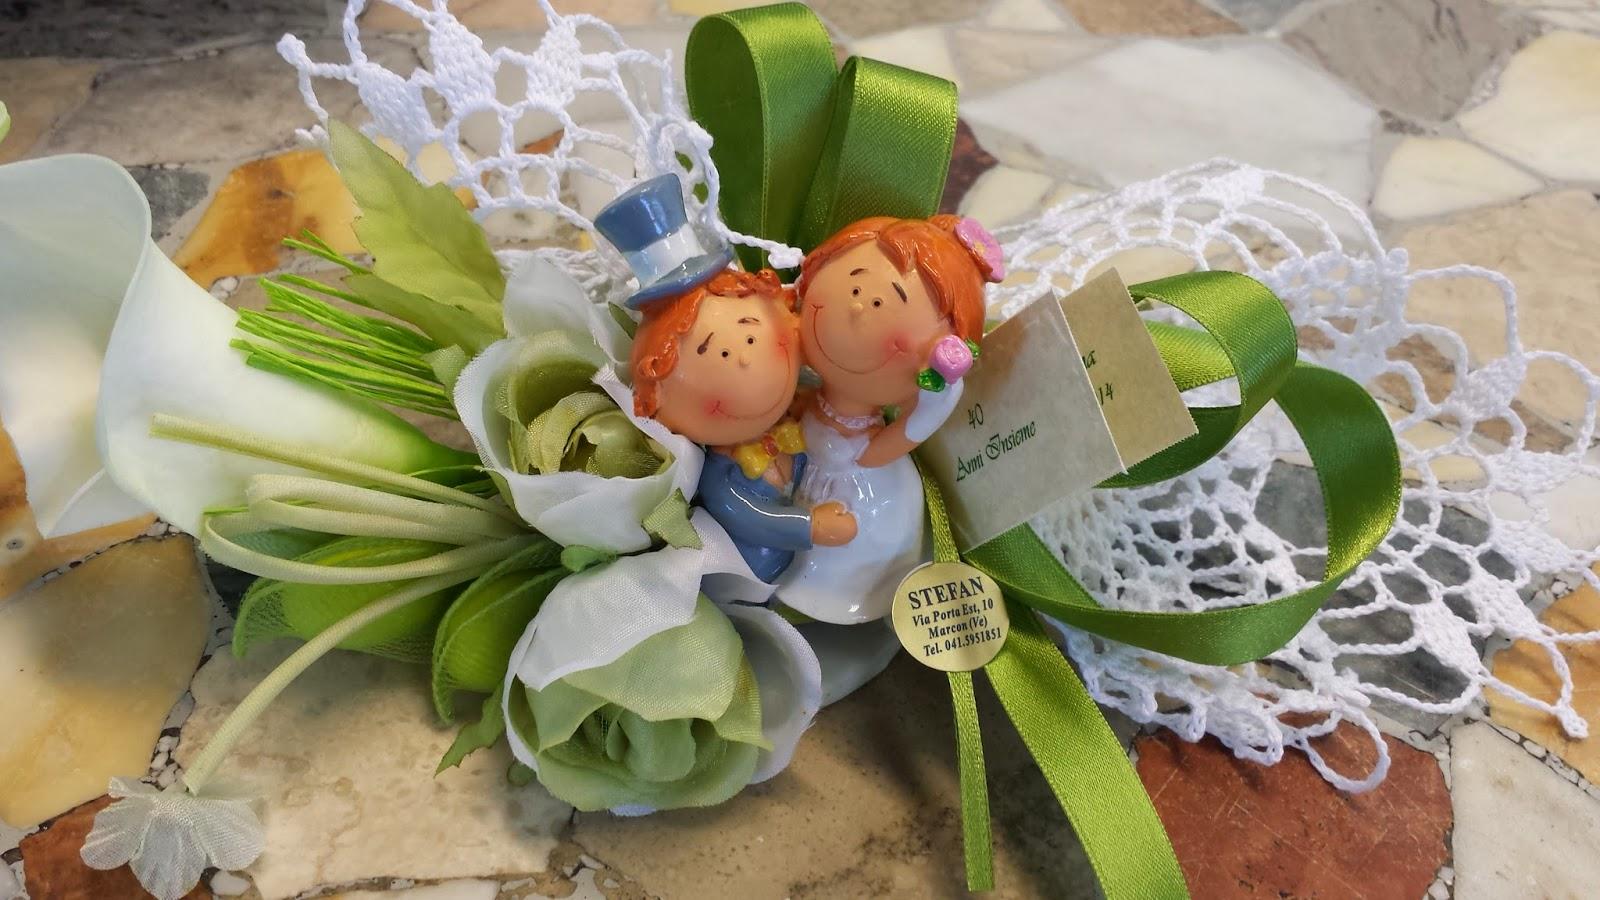 Bomboniere Per Anniversario Di Matrimonio 40 Anni.Bombonierestefan 40 Anni Di Matrimonio Bomboniere Per L Anniversario